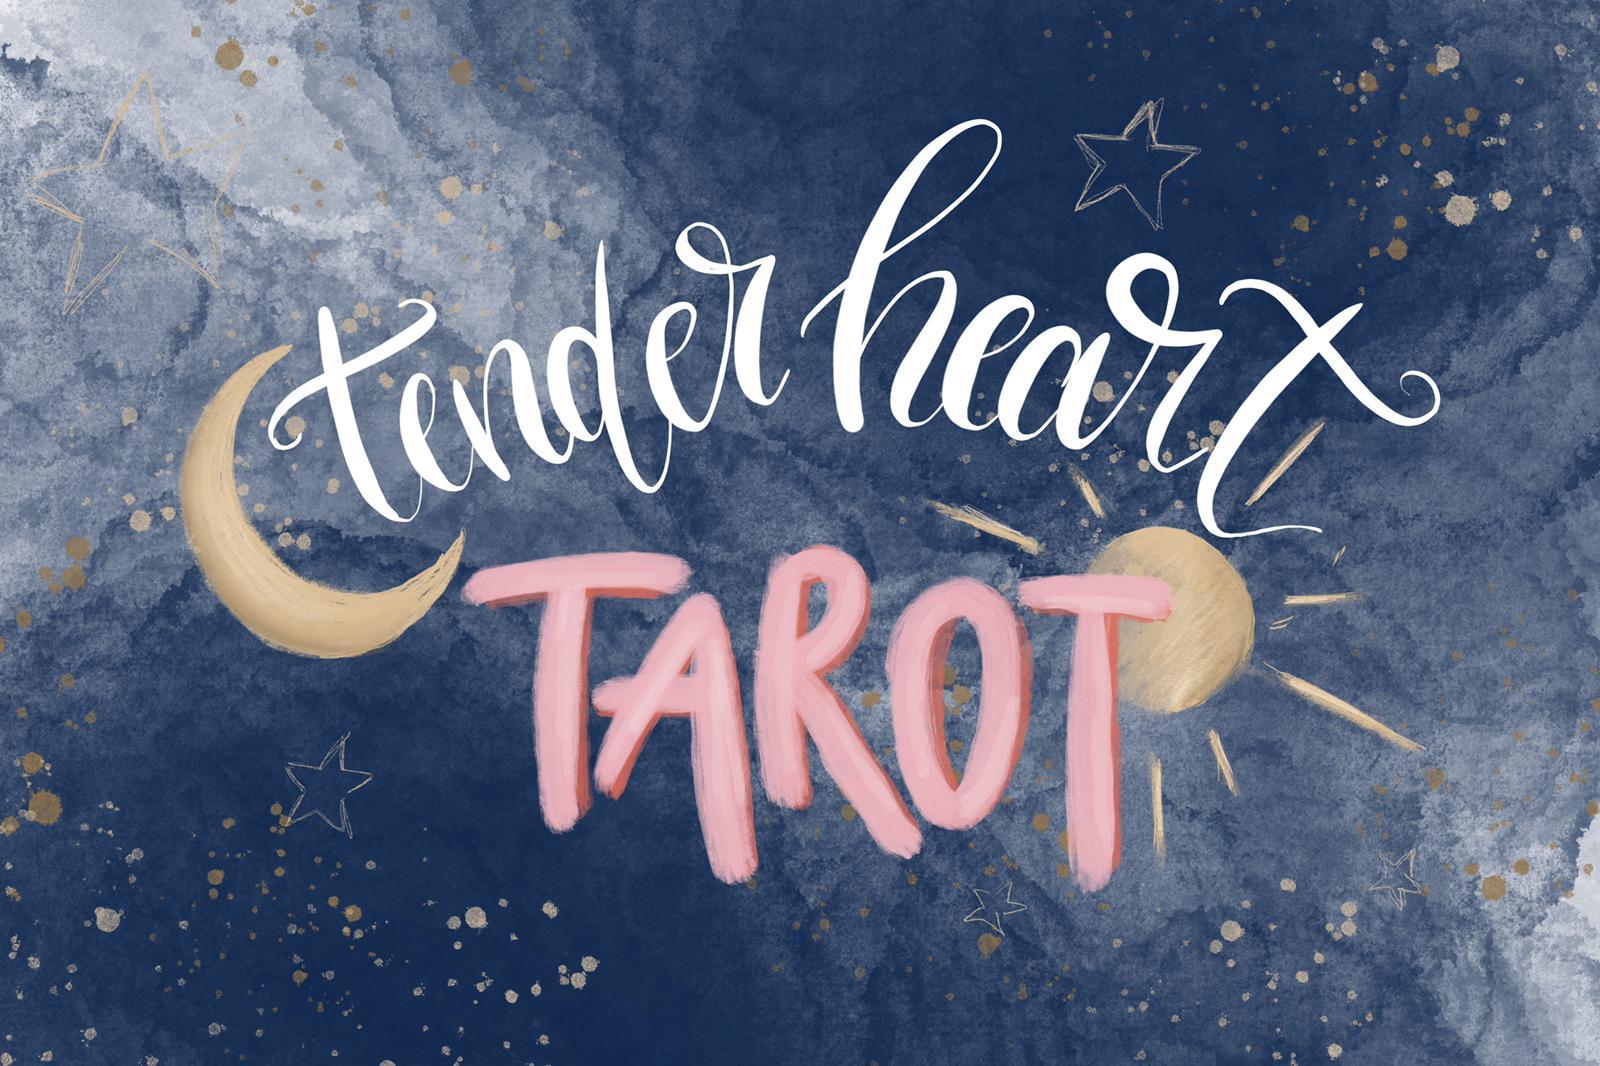 tarot_header